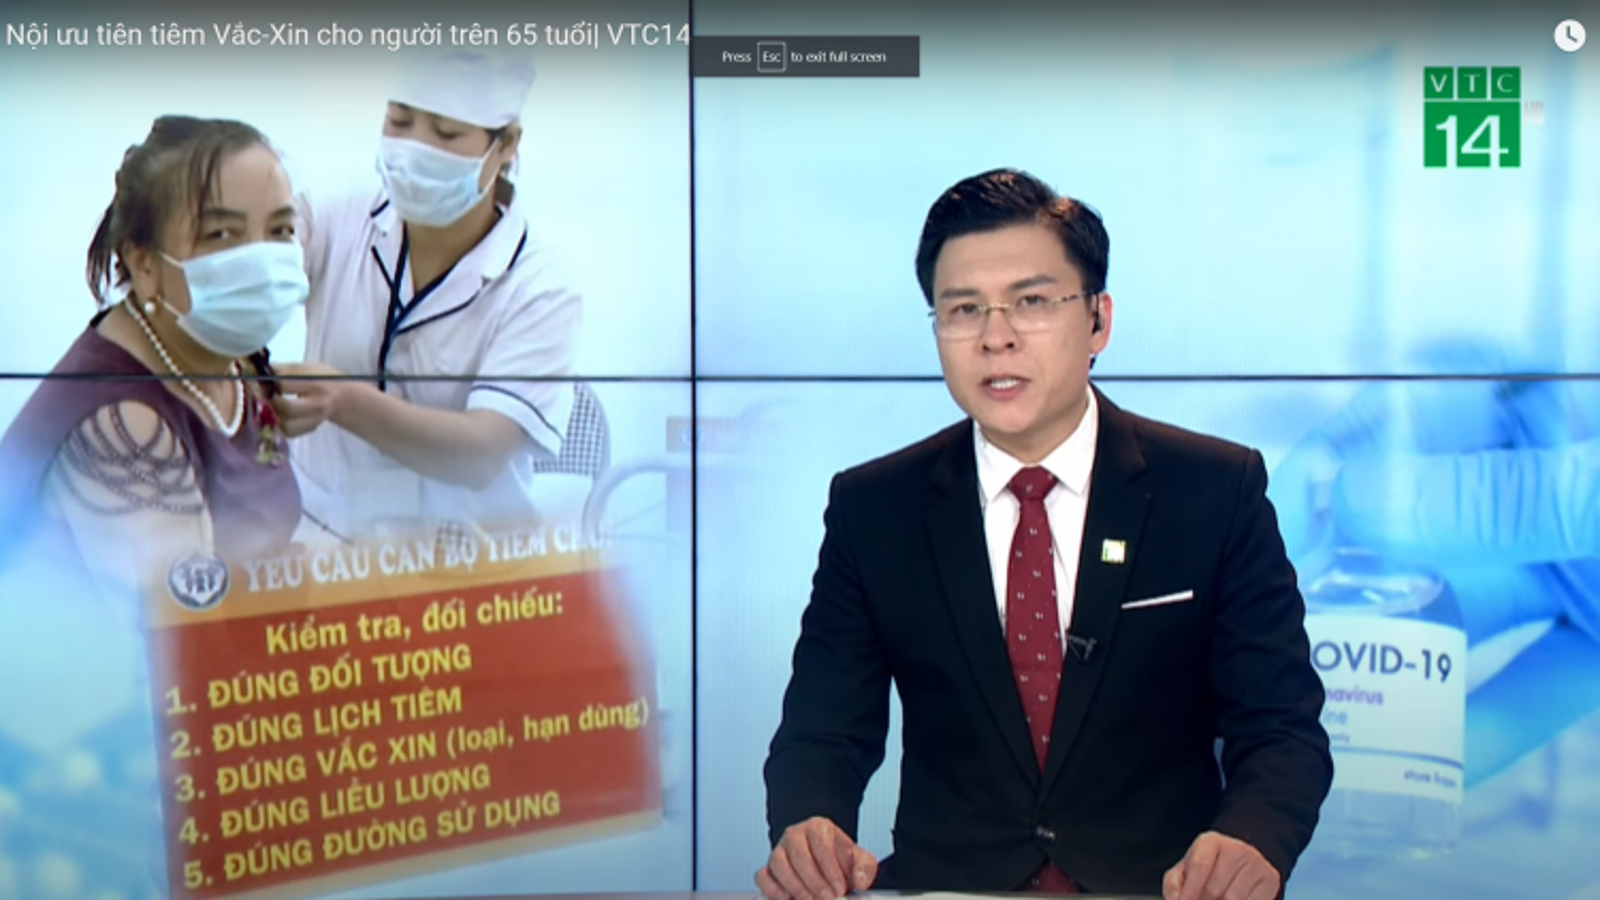 Hà Nội ưu tiên tiêm vaccine cho người trên 65 tuổi